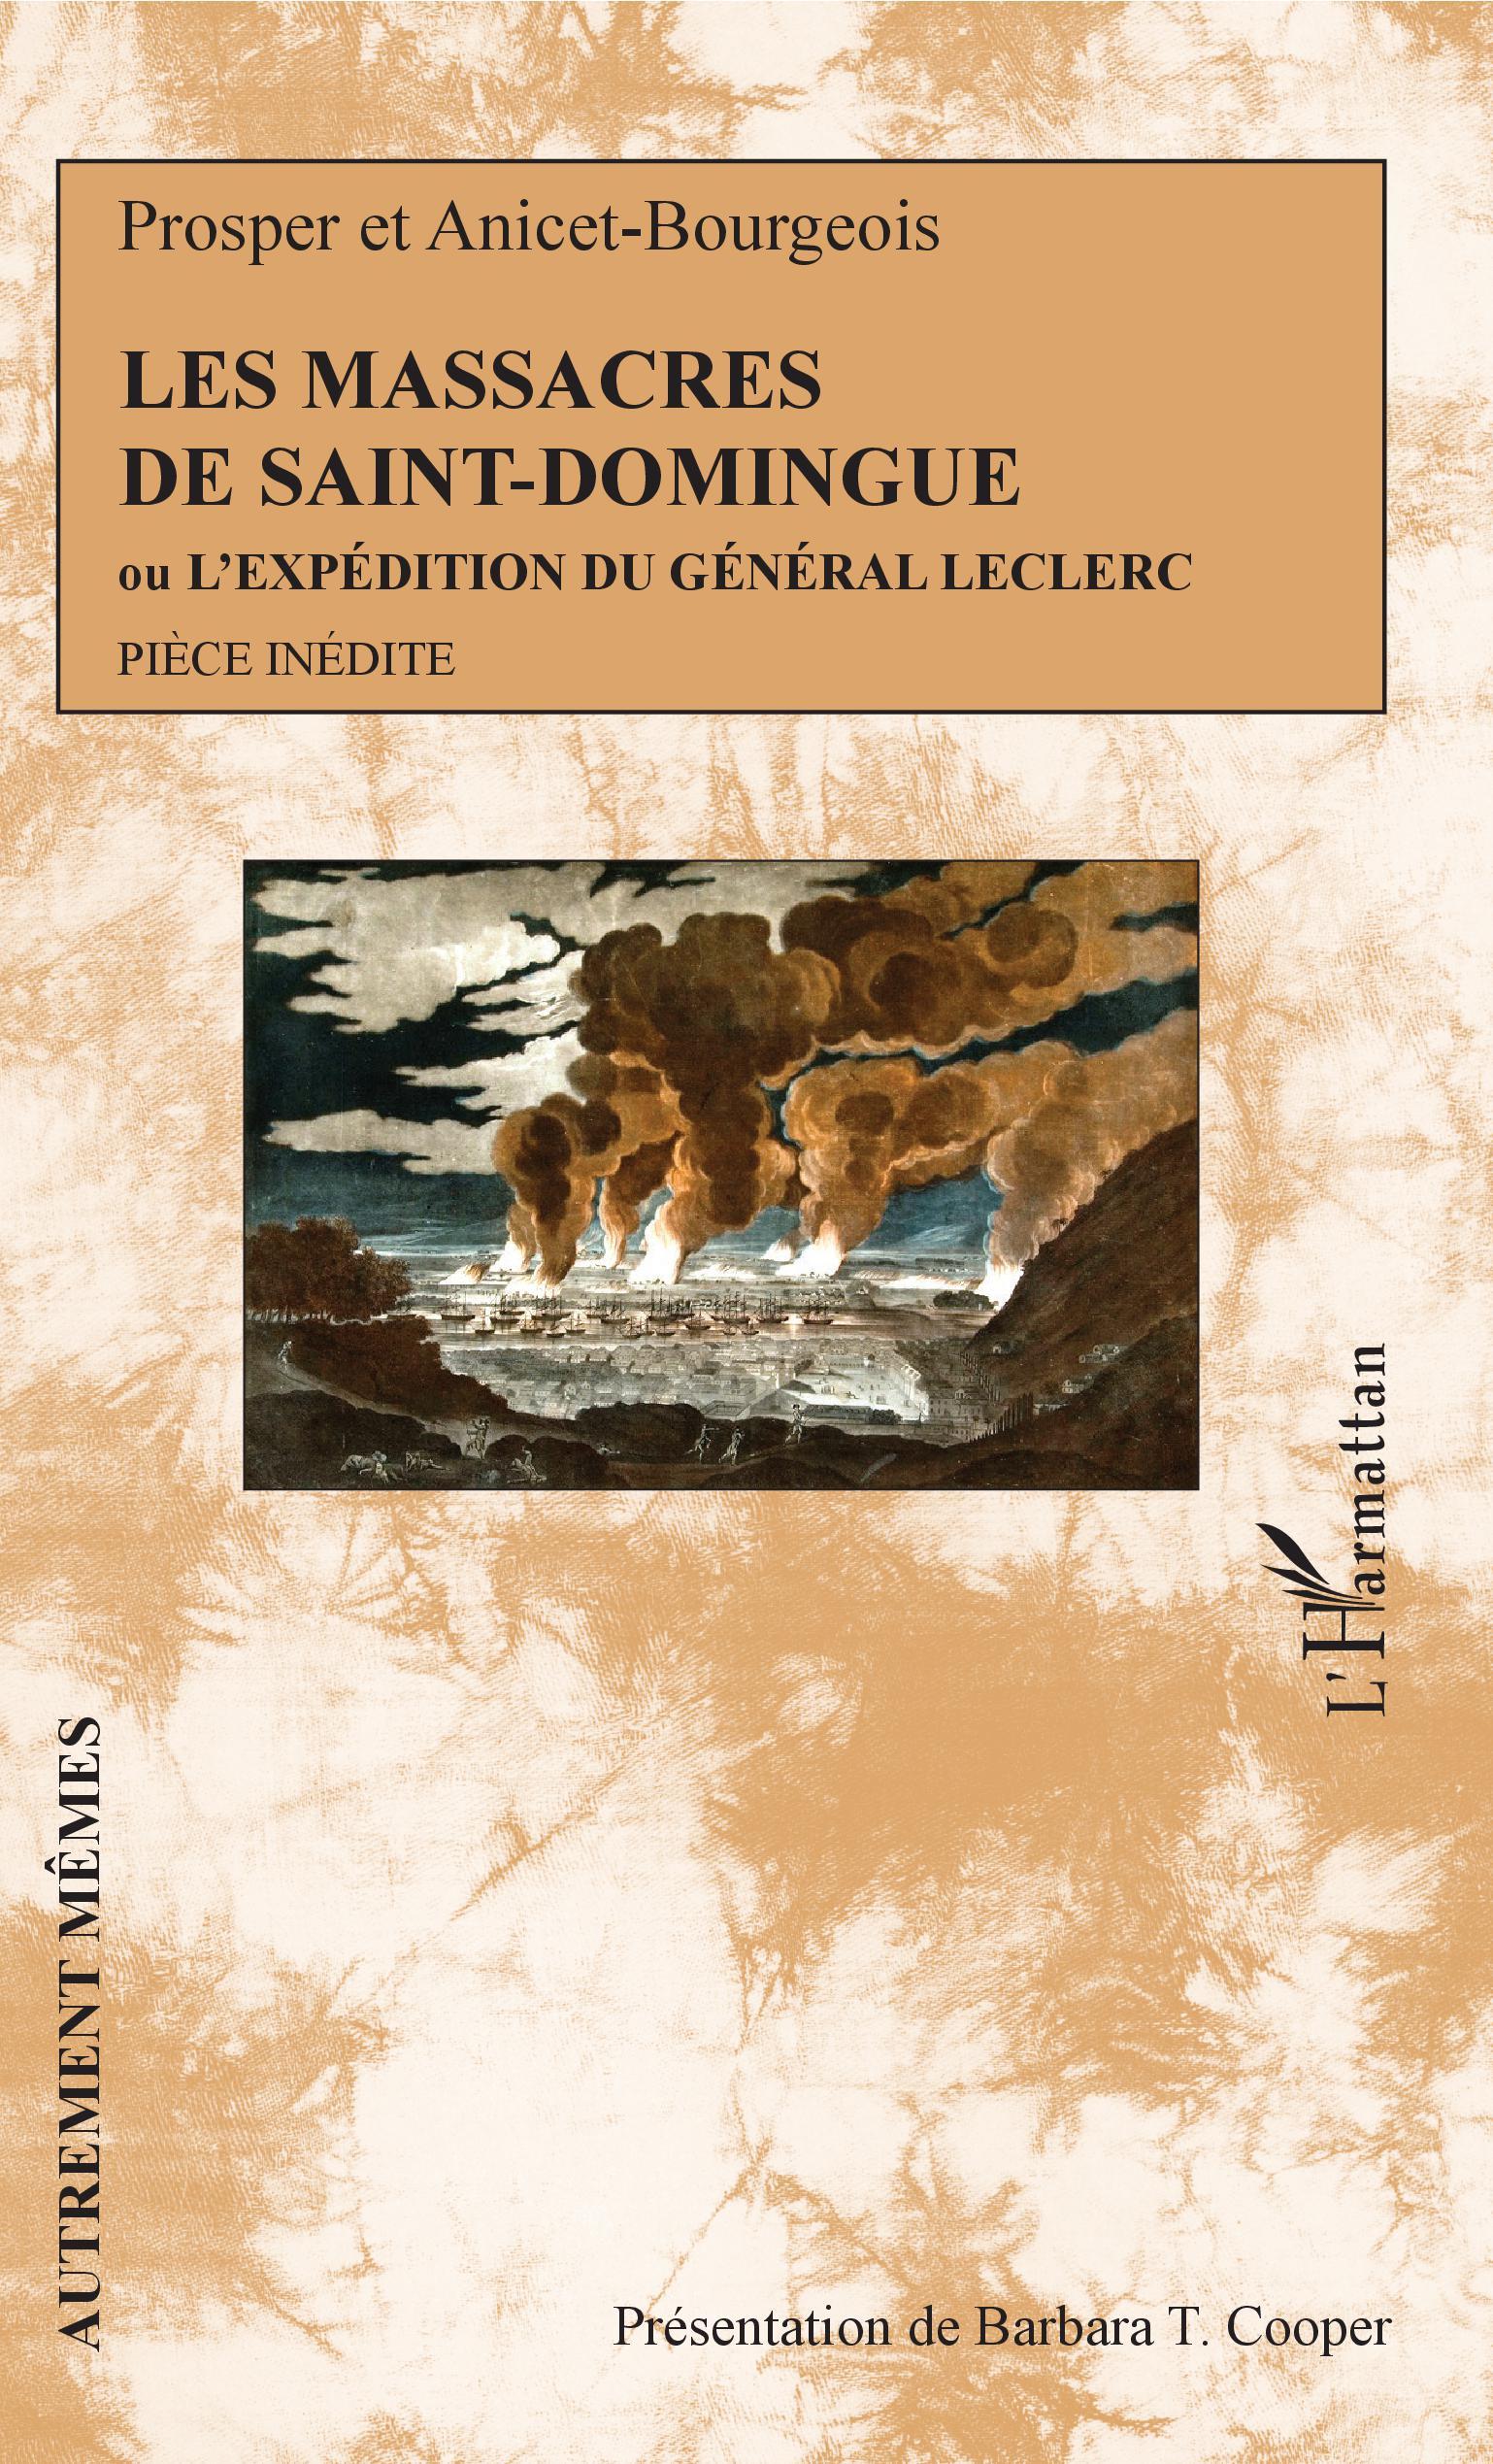 Prosper et Anicet-Bourgeois, Les Massacres de Saint-Domingue ou L'expédition du général Leclerc, Pièce inédite, 1837)